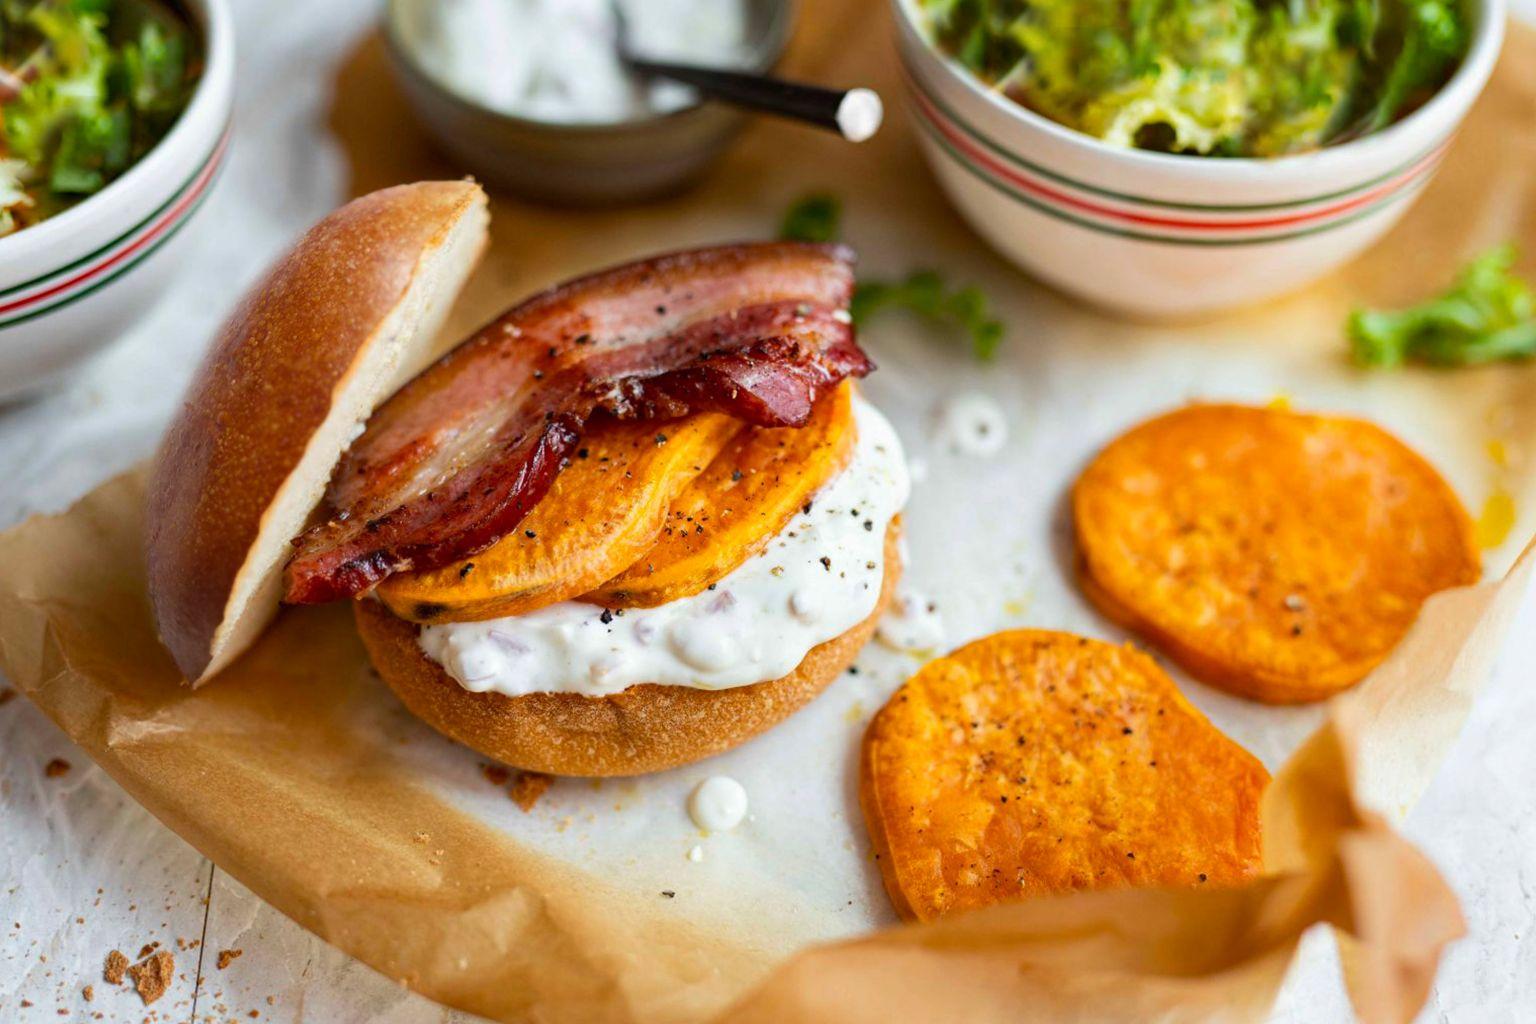 Sandwich de poitrine fumée, patate douce et fromage frais à l'huile pimentée